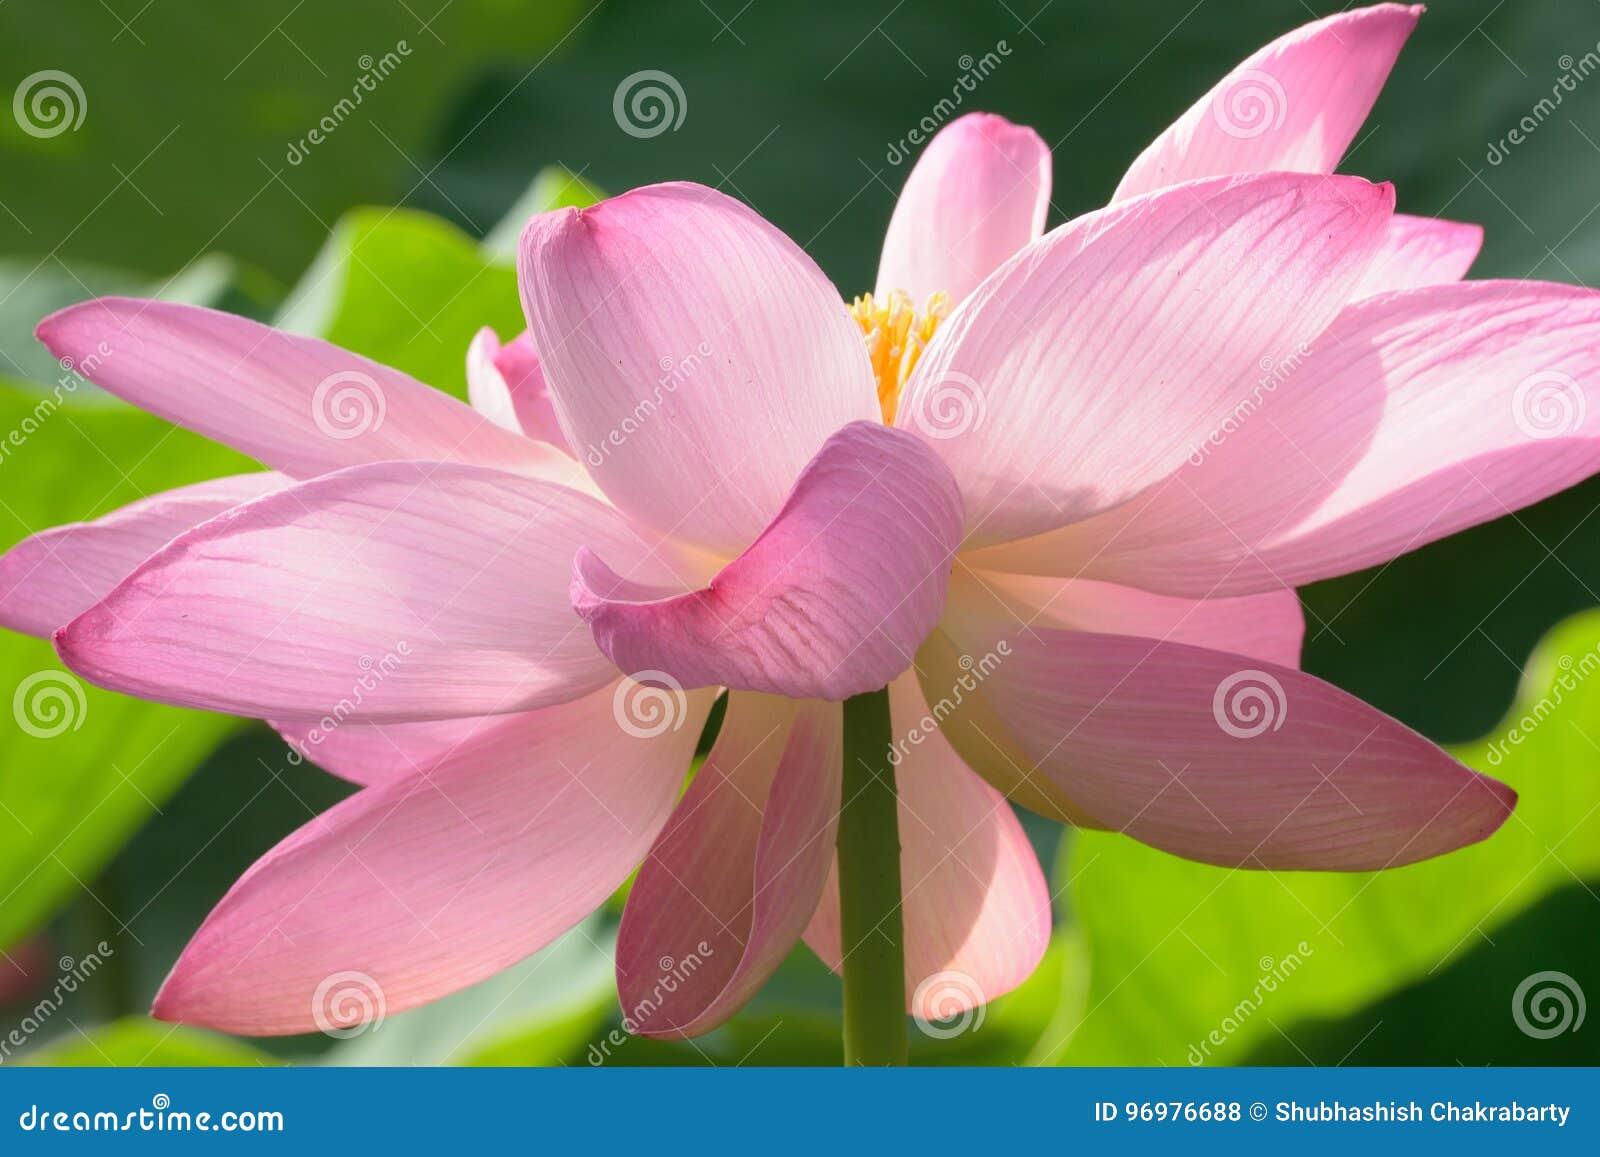 Macro Texture Of Japanese Pink Lotus Flower Horizontal Frame Stock